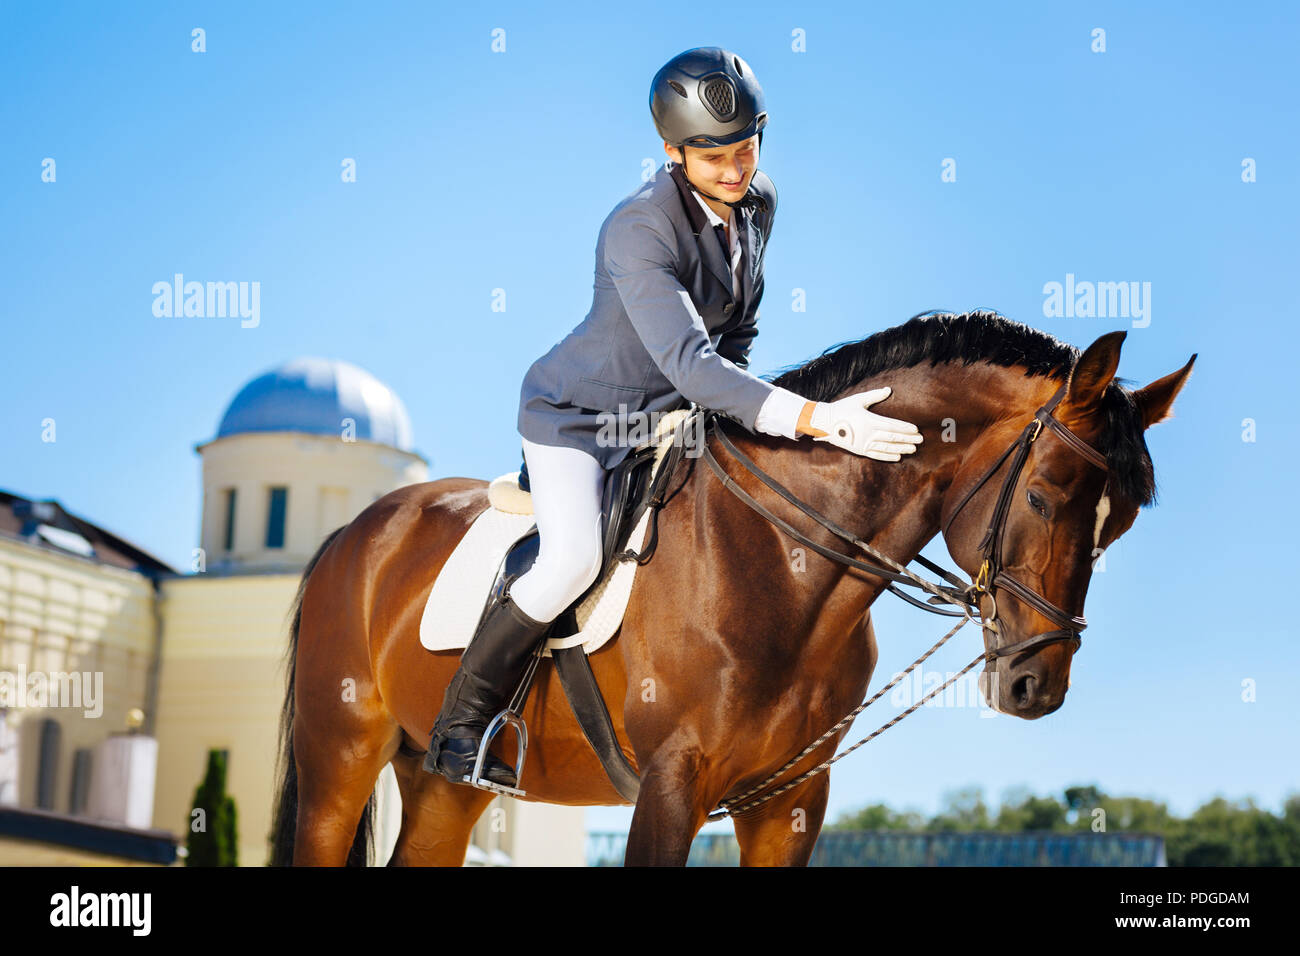 Apuesto hombre sonriente con casco de acariciar a caballo Imagen De Stock